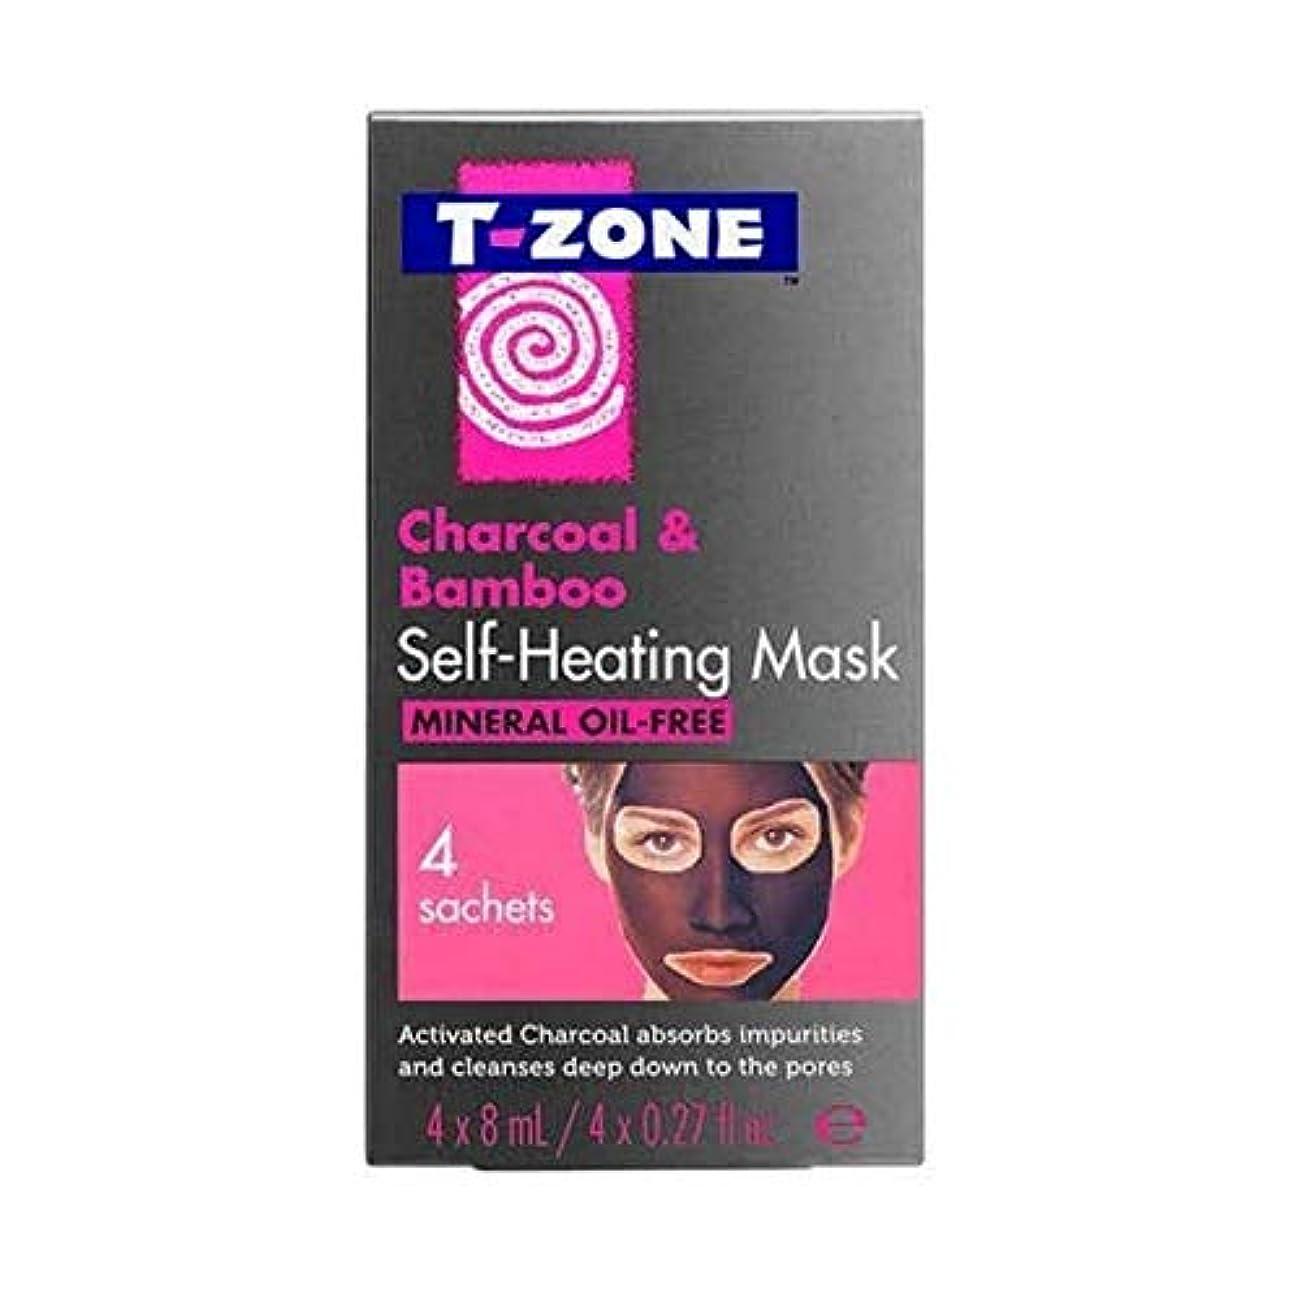 ウォーターフロントスーパー引き金[T-Zone] Tゾーン木炭&竹自己発熱マスク4×8ミリリットル - T-Zone Charcoal & Bamboo Self Heating Mask 4 x 8ml [並行輸入品]